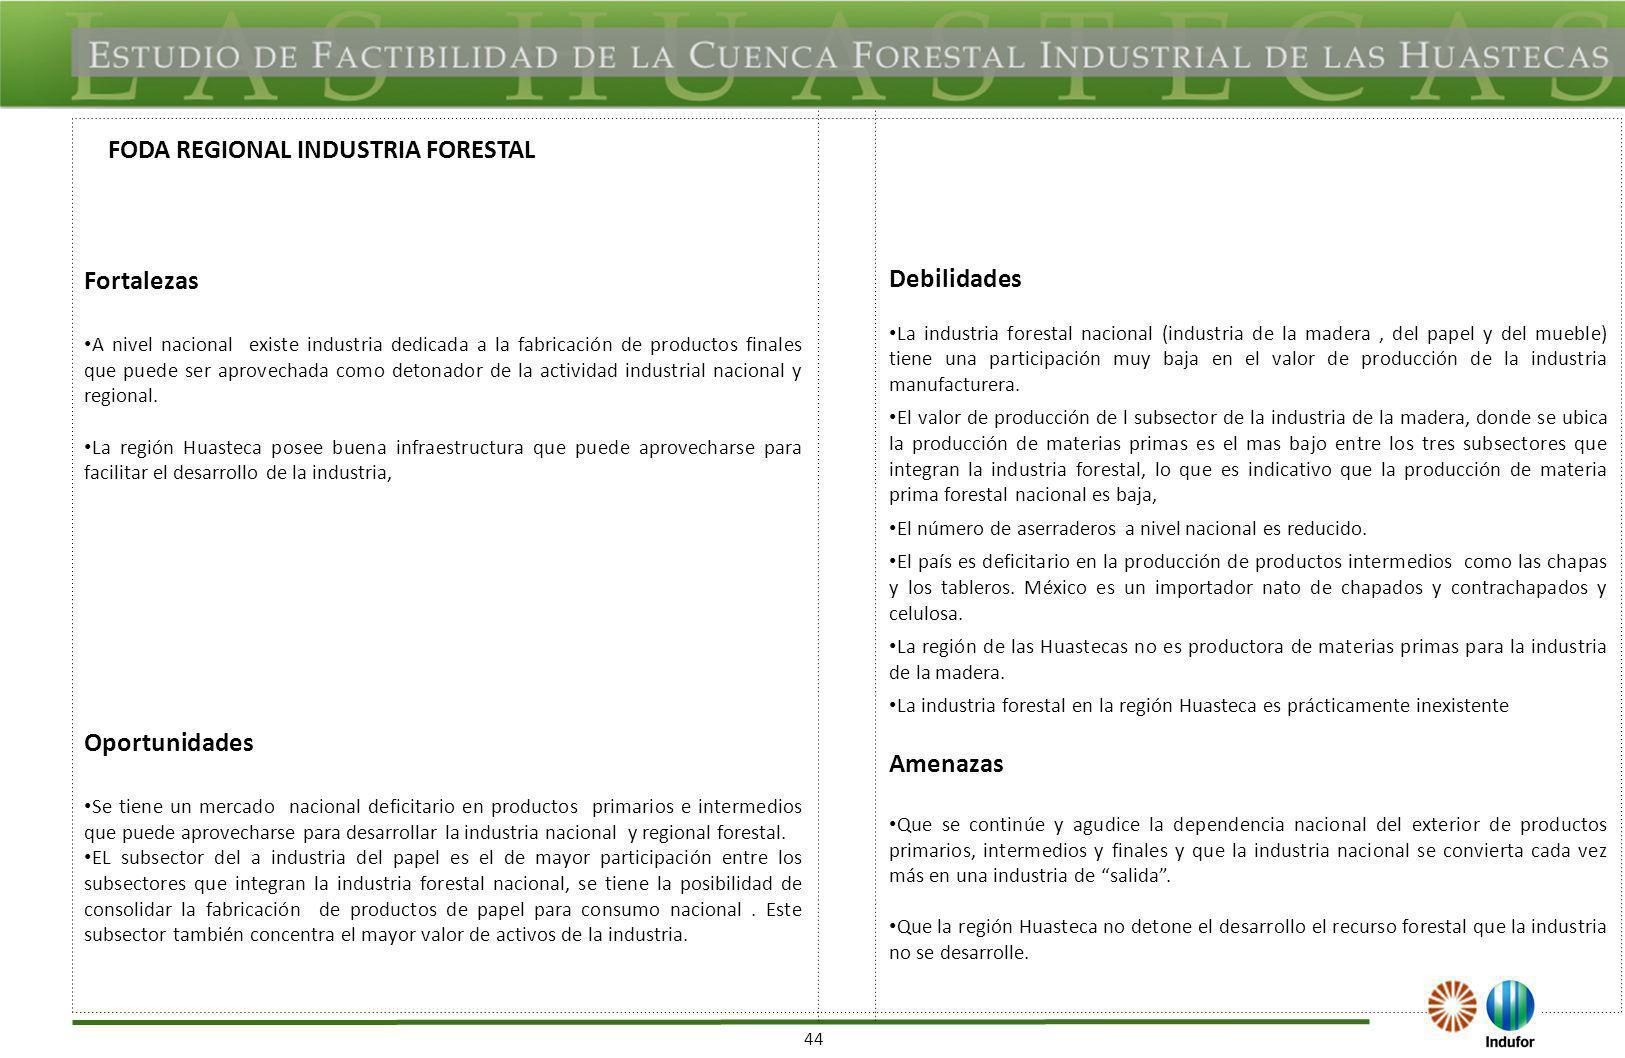 FODA REGIONAL IDENTIFICACIÓN DE PROYECTOS, PLANES INDUSTRIALES EXISTENTES Y DE SU POTENCIAL)